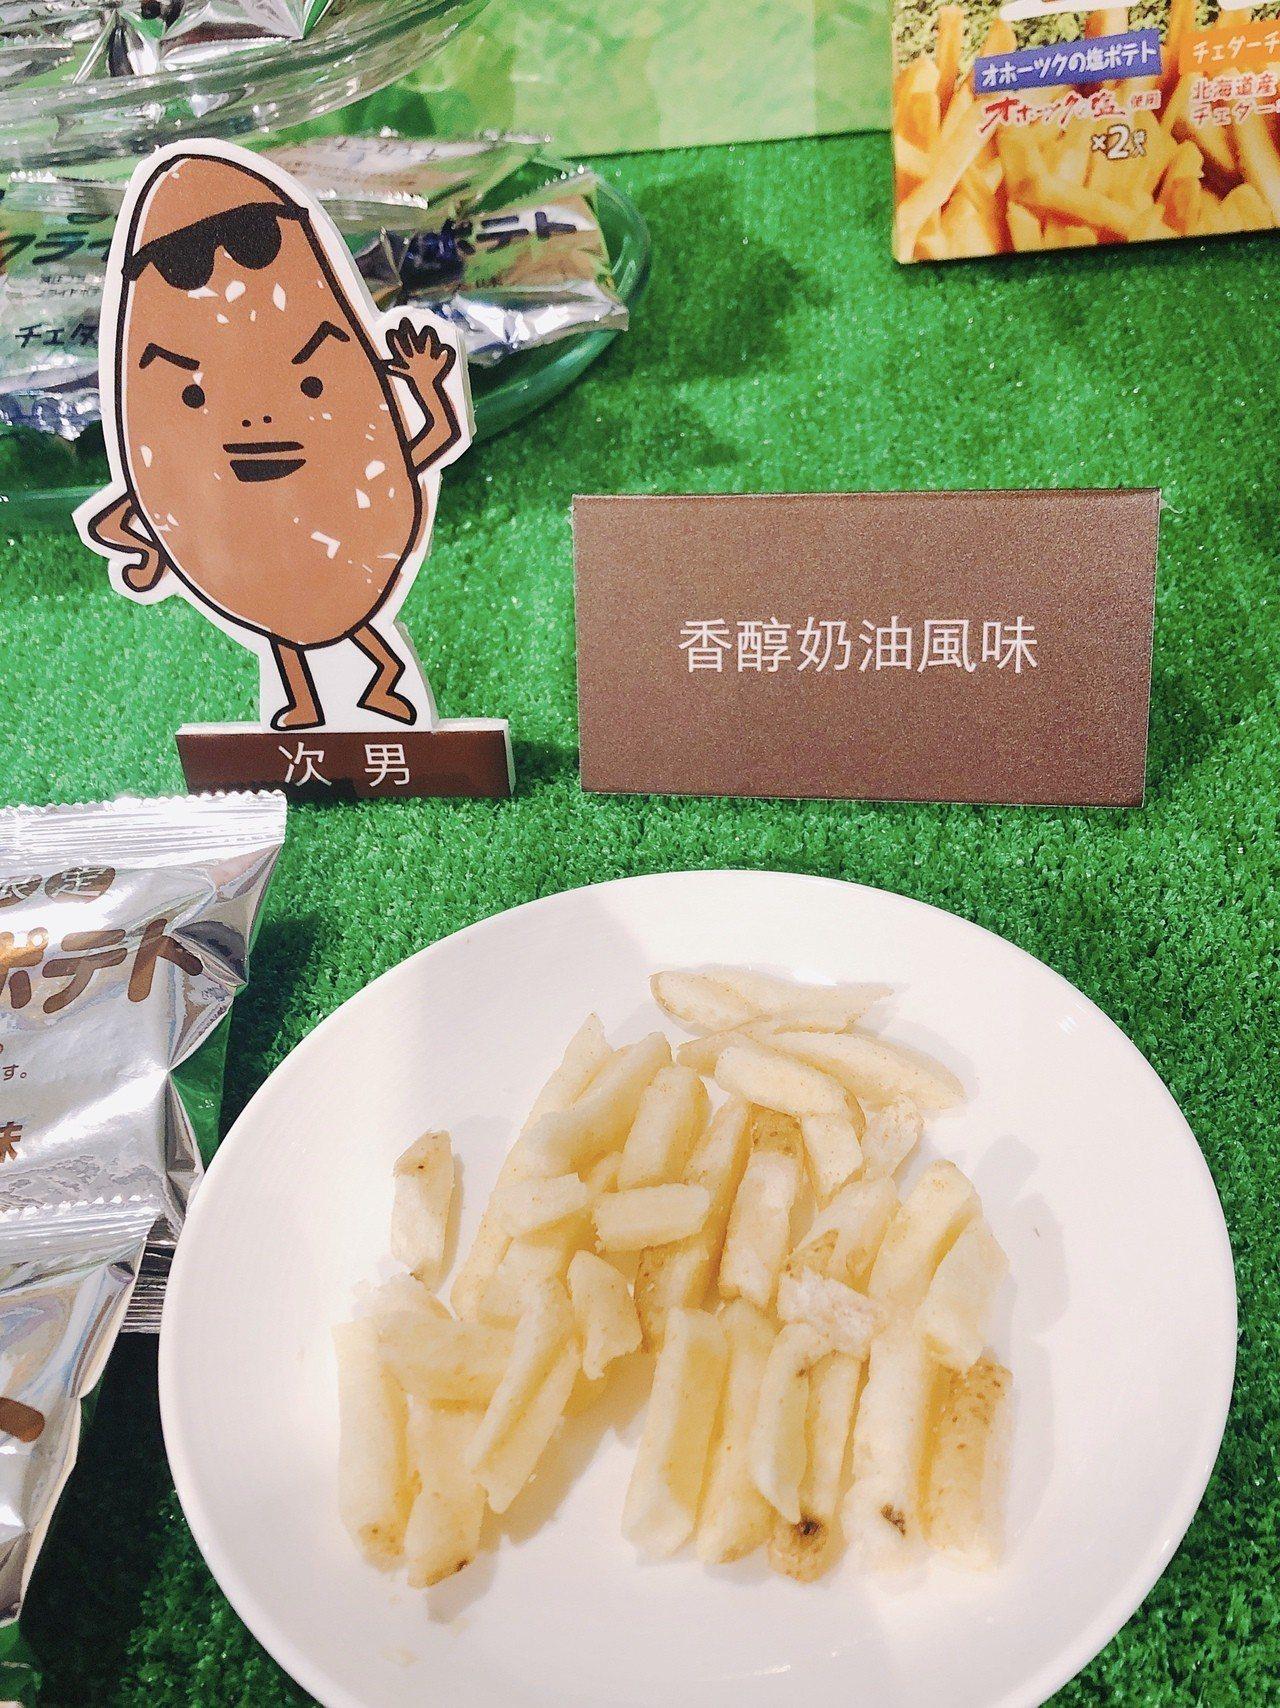 次男代表香醇奶油風味。記者黃筱晴/攝影